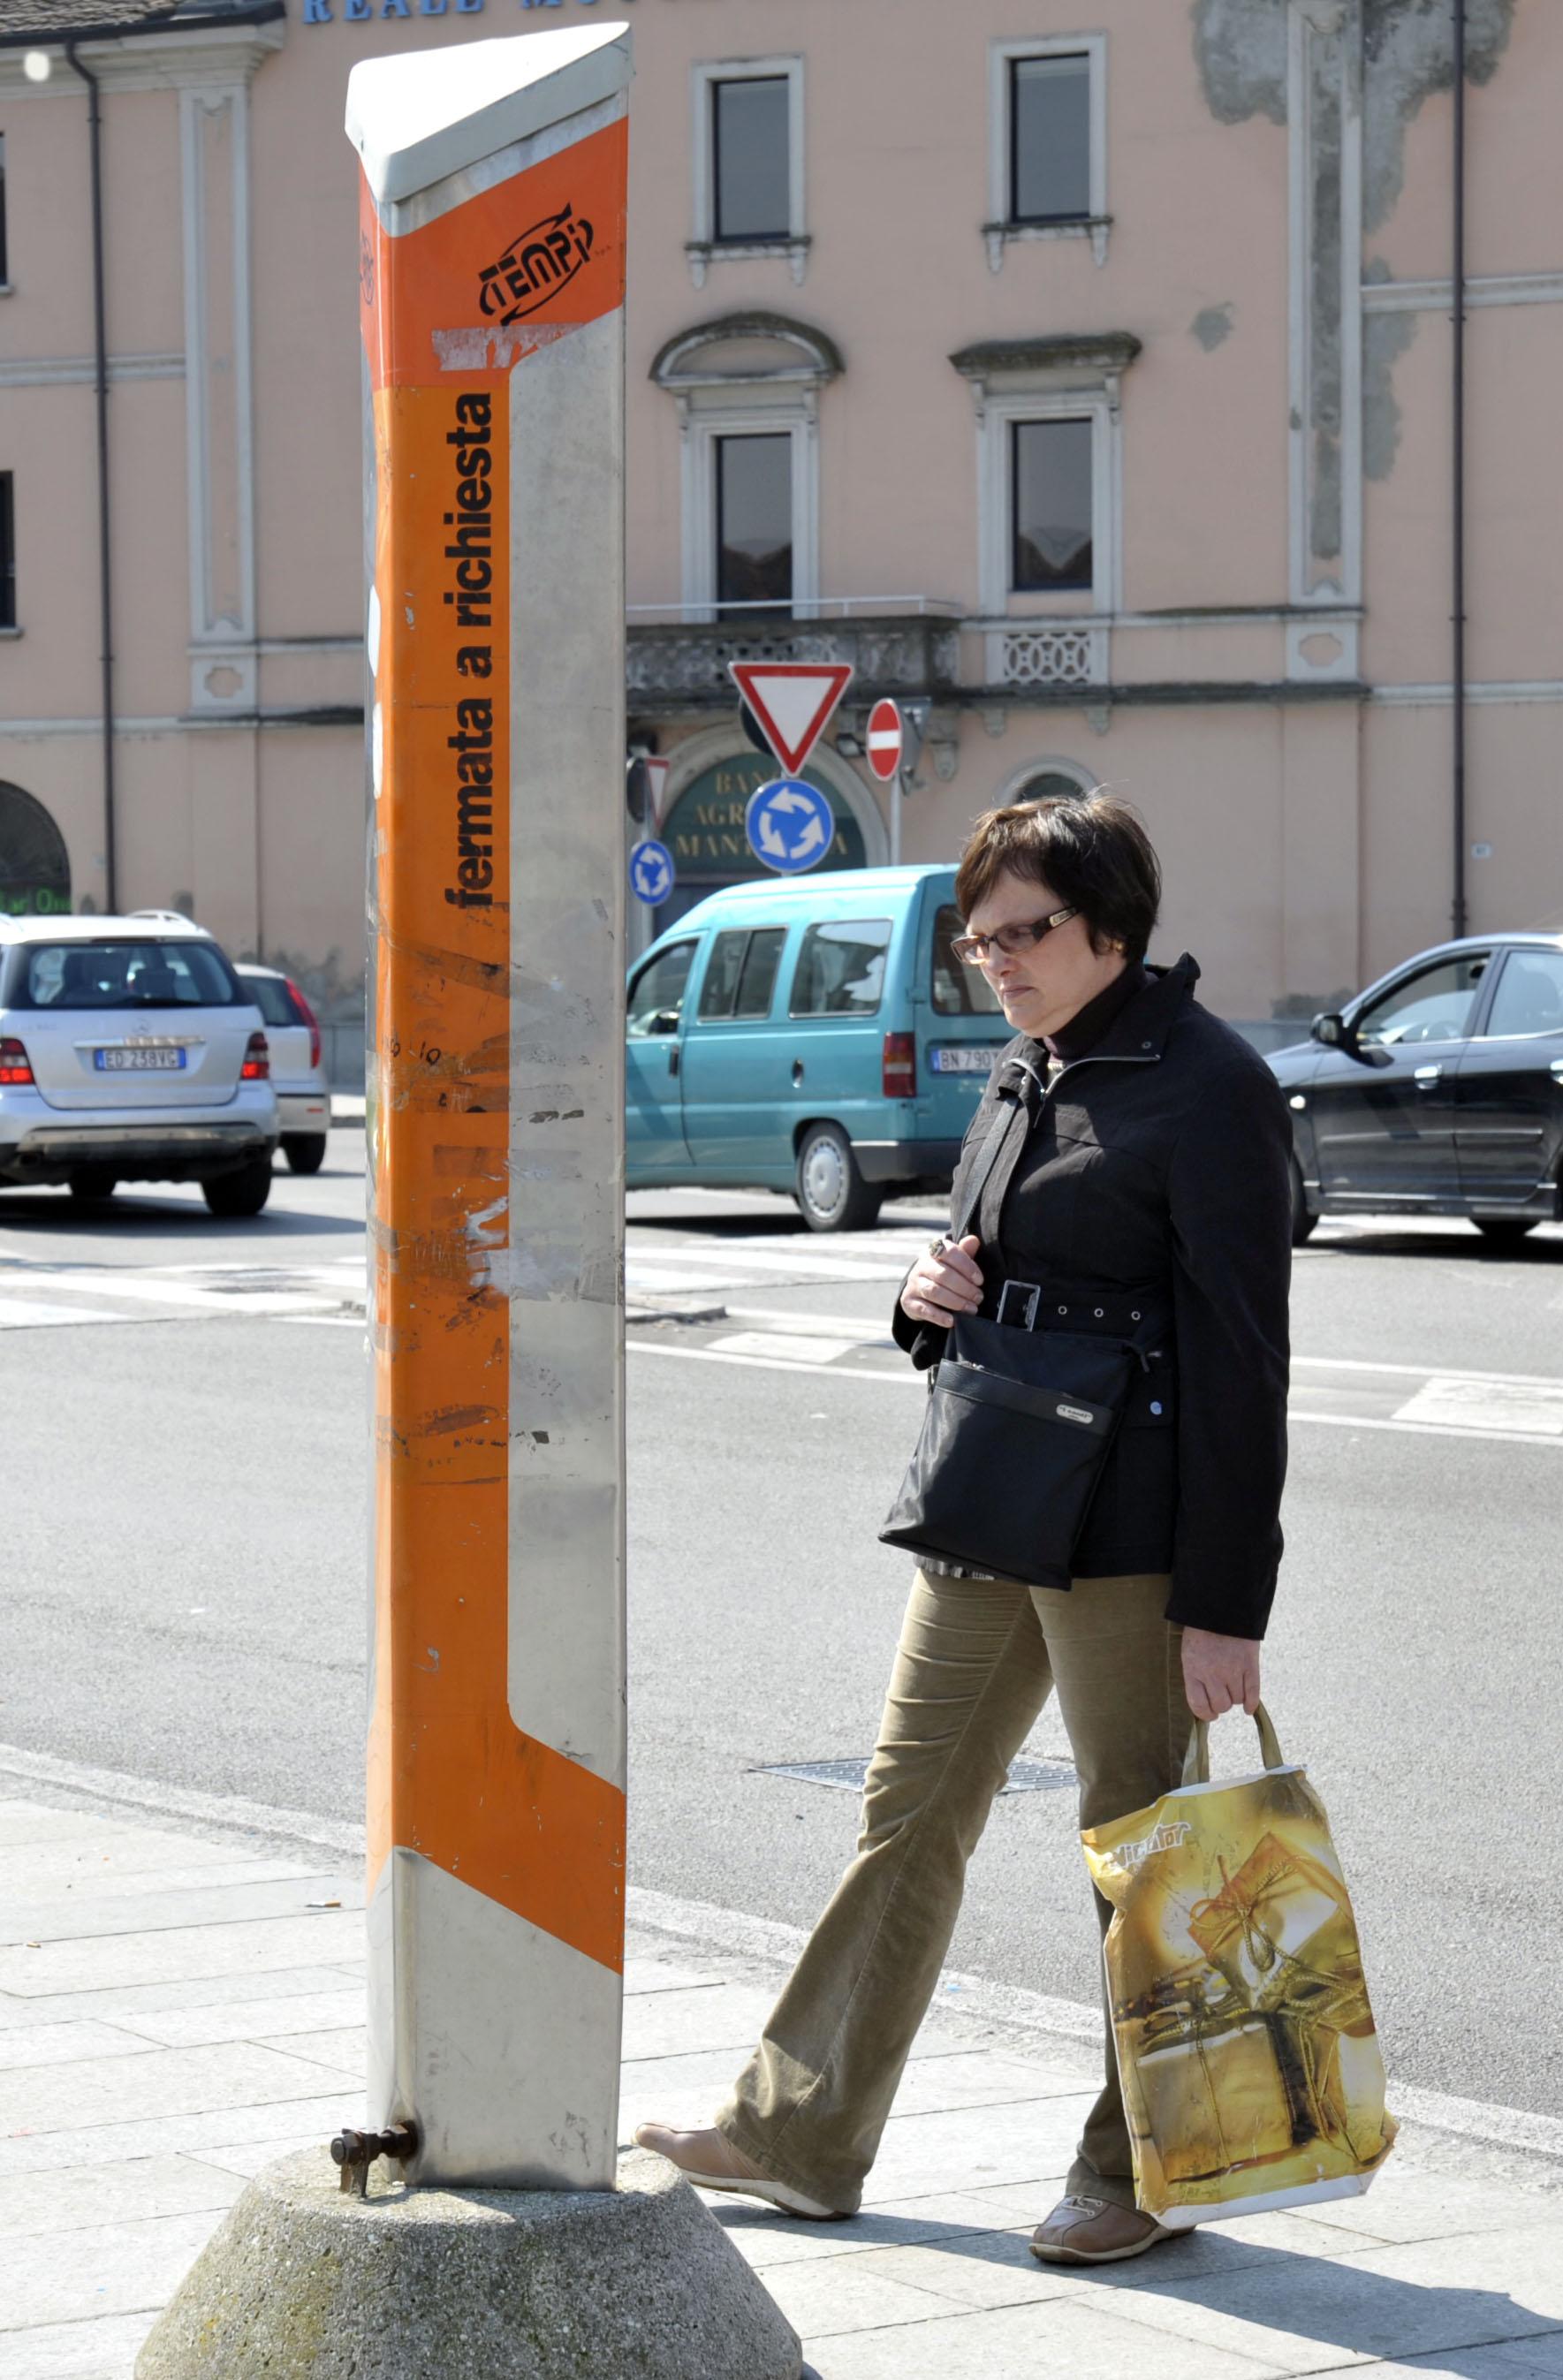 Troppi autisti in malattia, saltano molte corse dei bus. L'ira di Seta